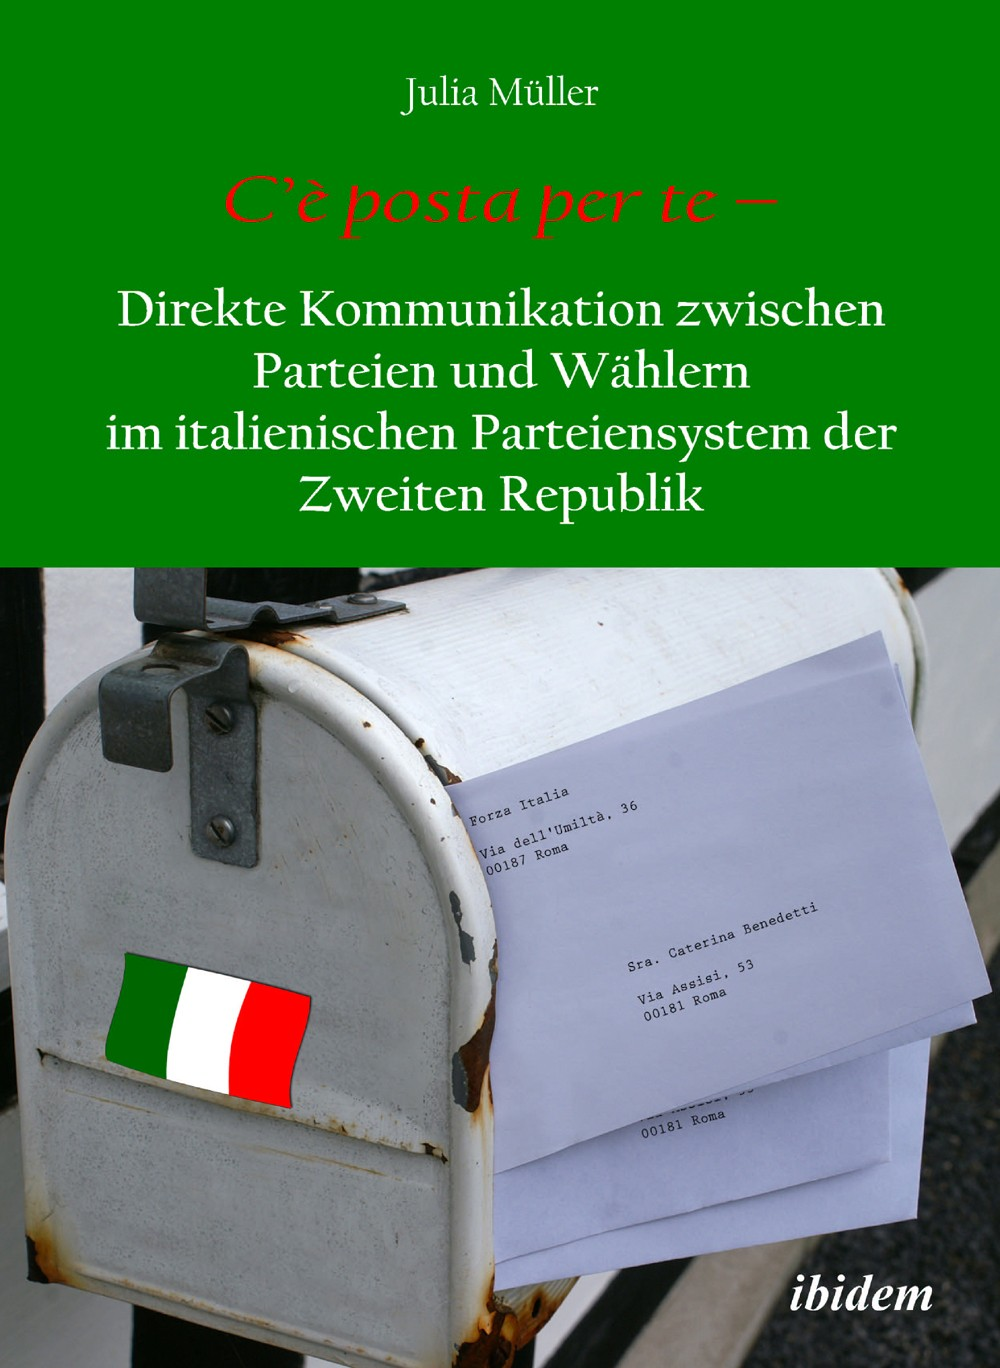 C'è posta per te – Direkte Kommunikation zwischen Parteien und Wählern im italienischen Parteiensystem der Zweiten Republik